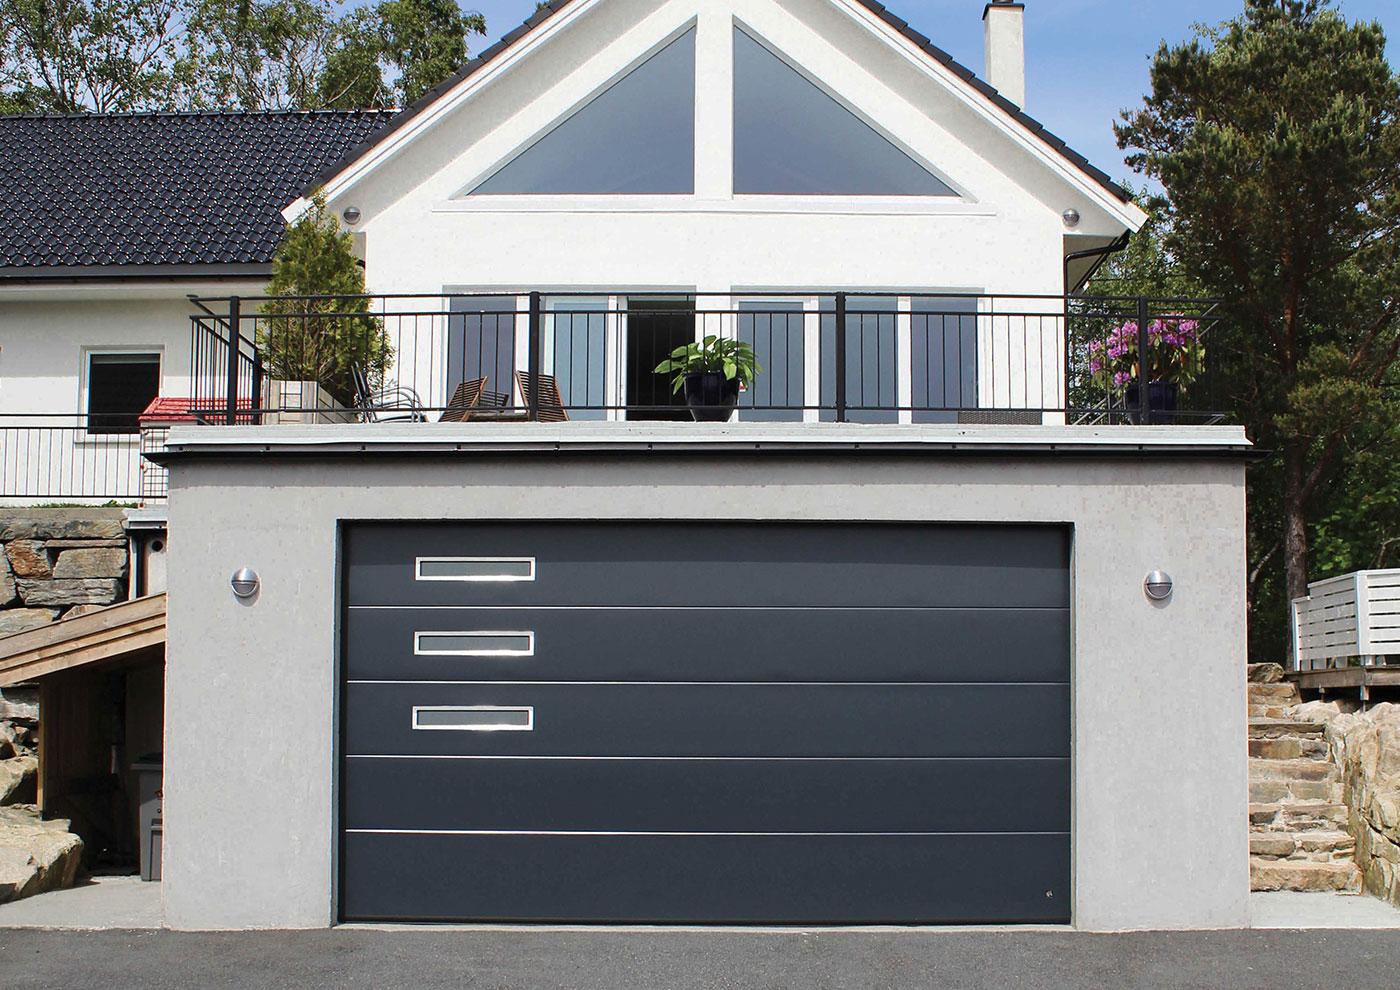 fortis-garage-door-sectional-insulated